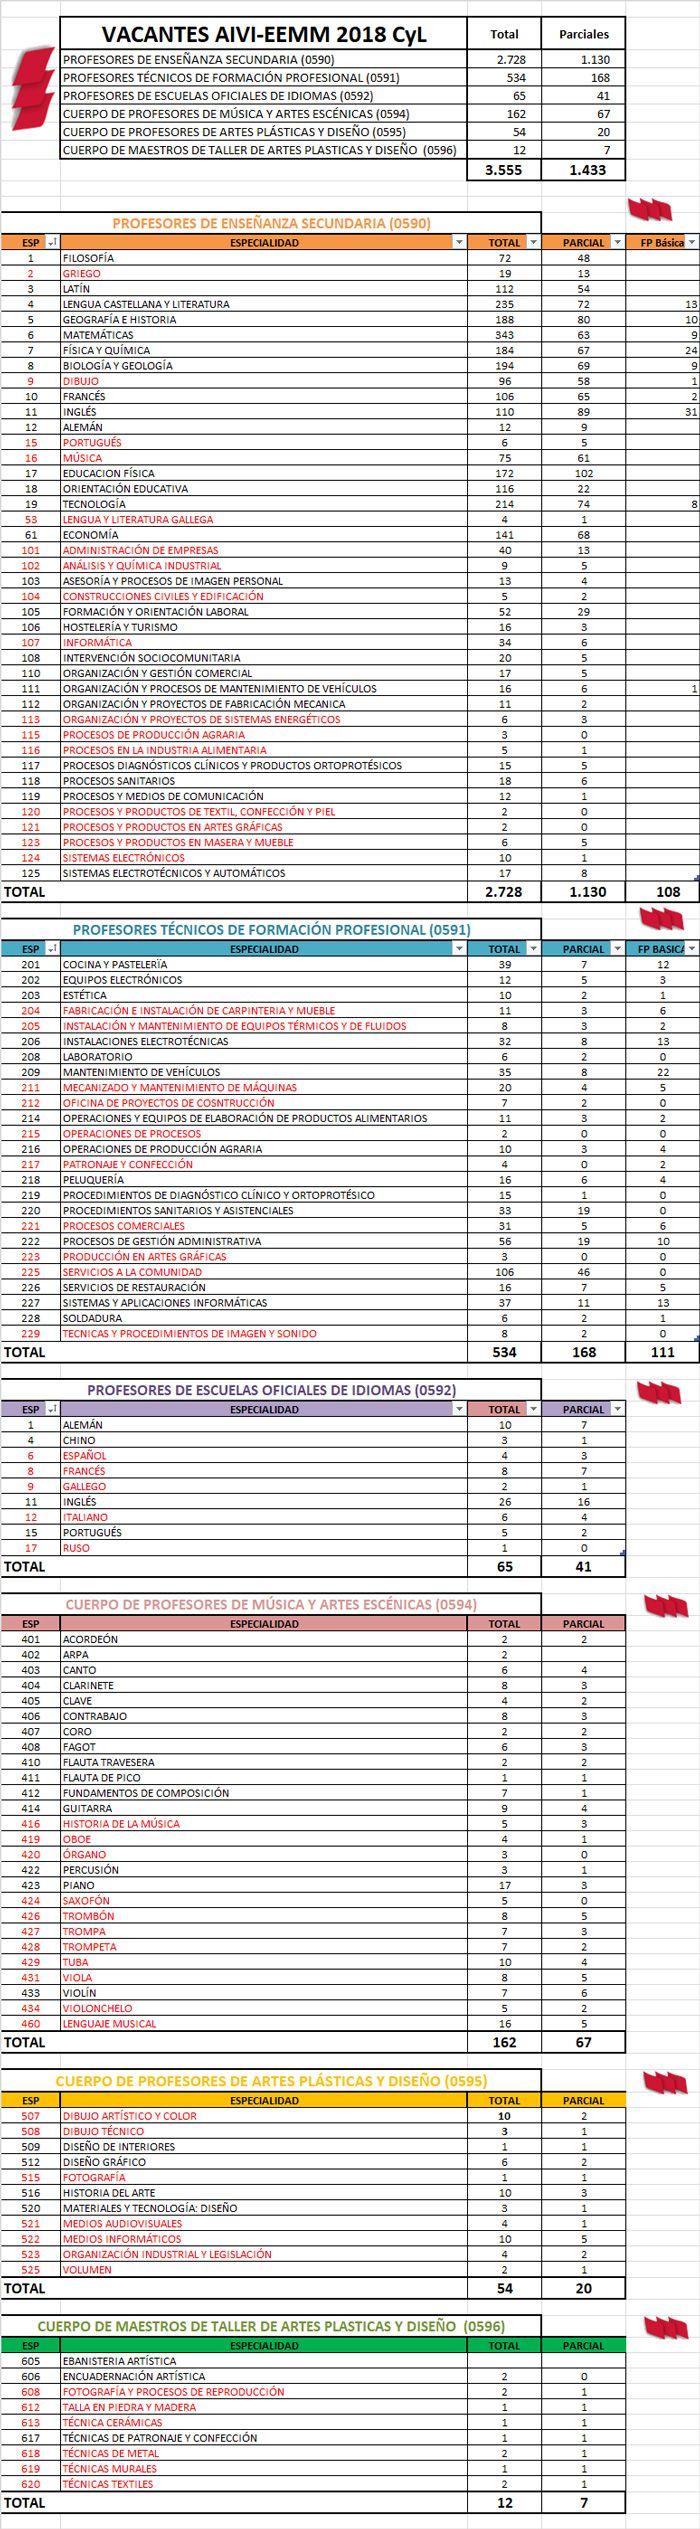 Vacantes-AIVI-EEMM-18-19